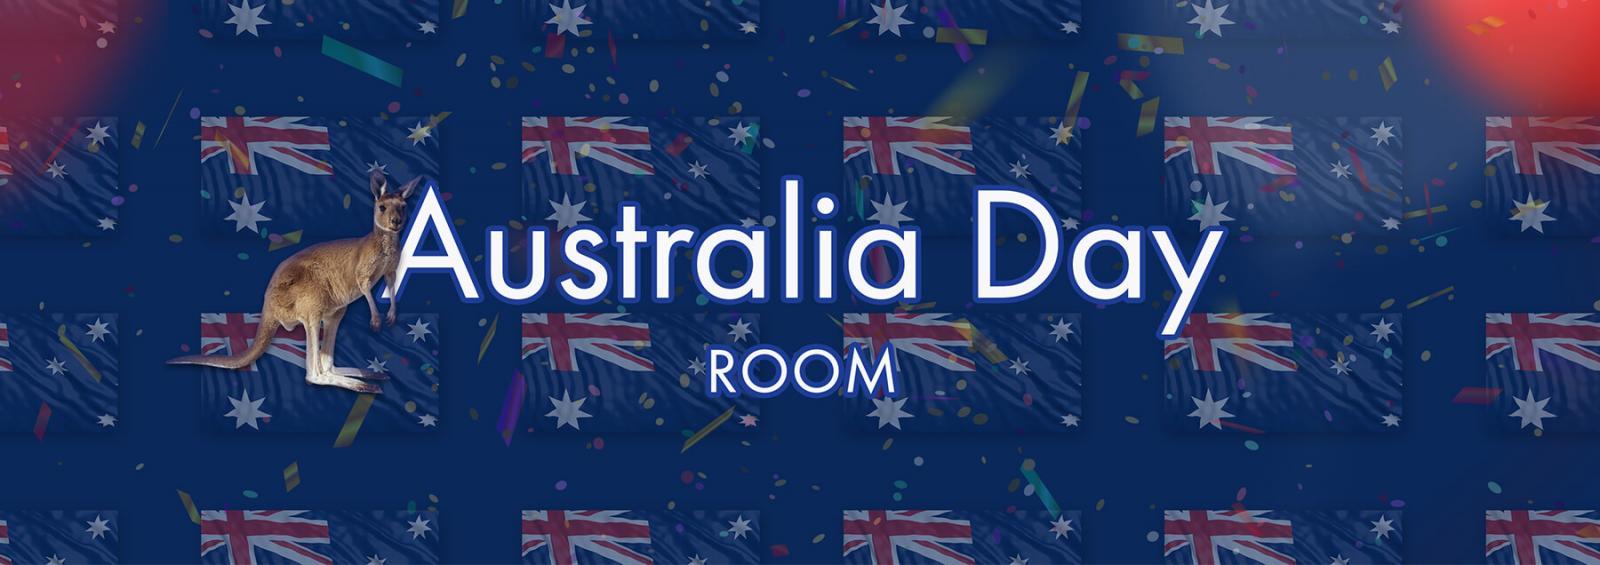 AustraliaRoom